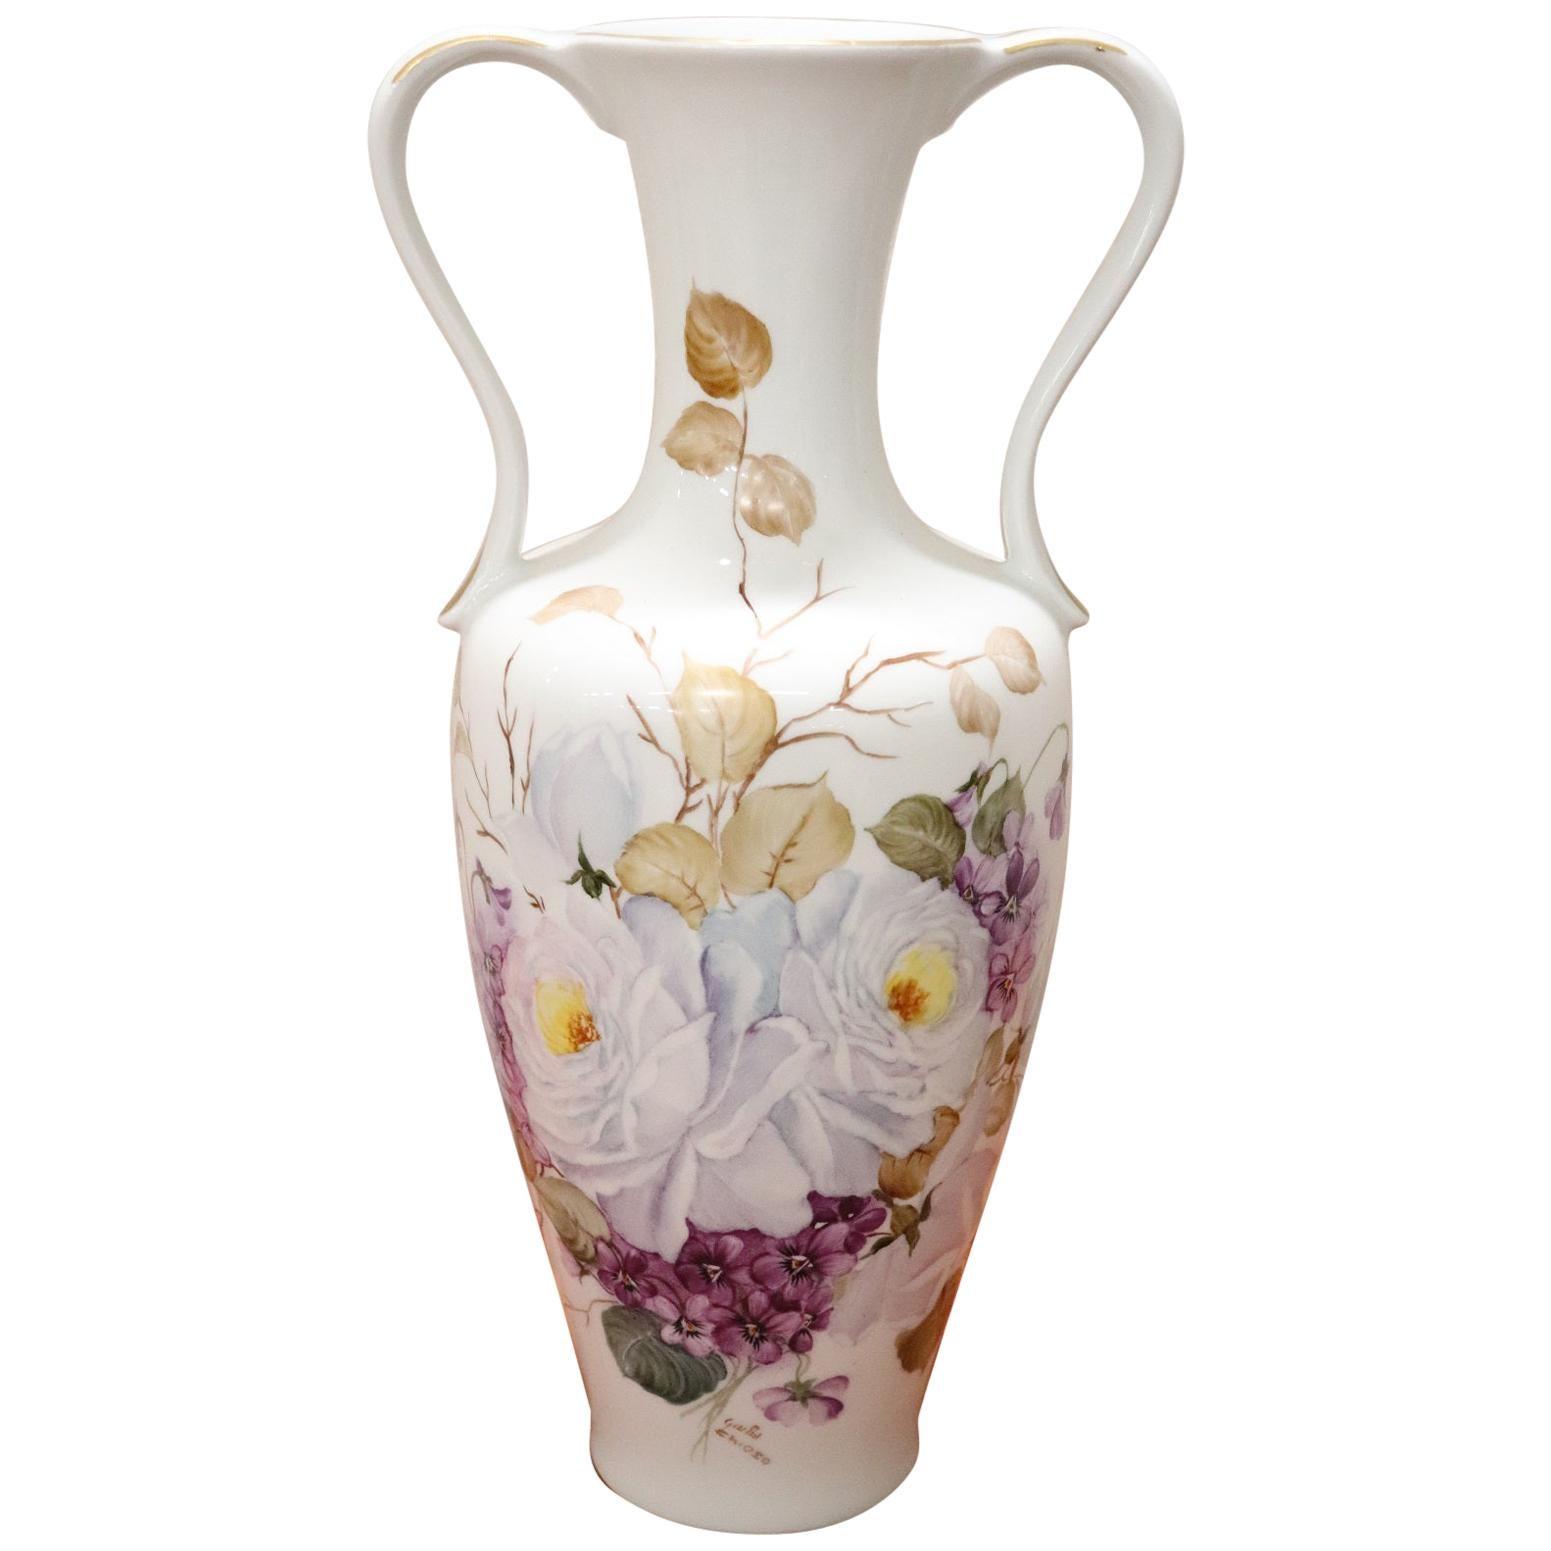 20th Century Italian Hand Painted Ceramic Vase